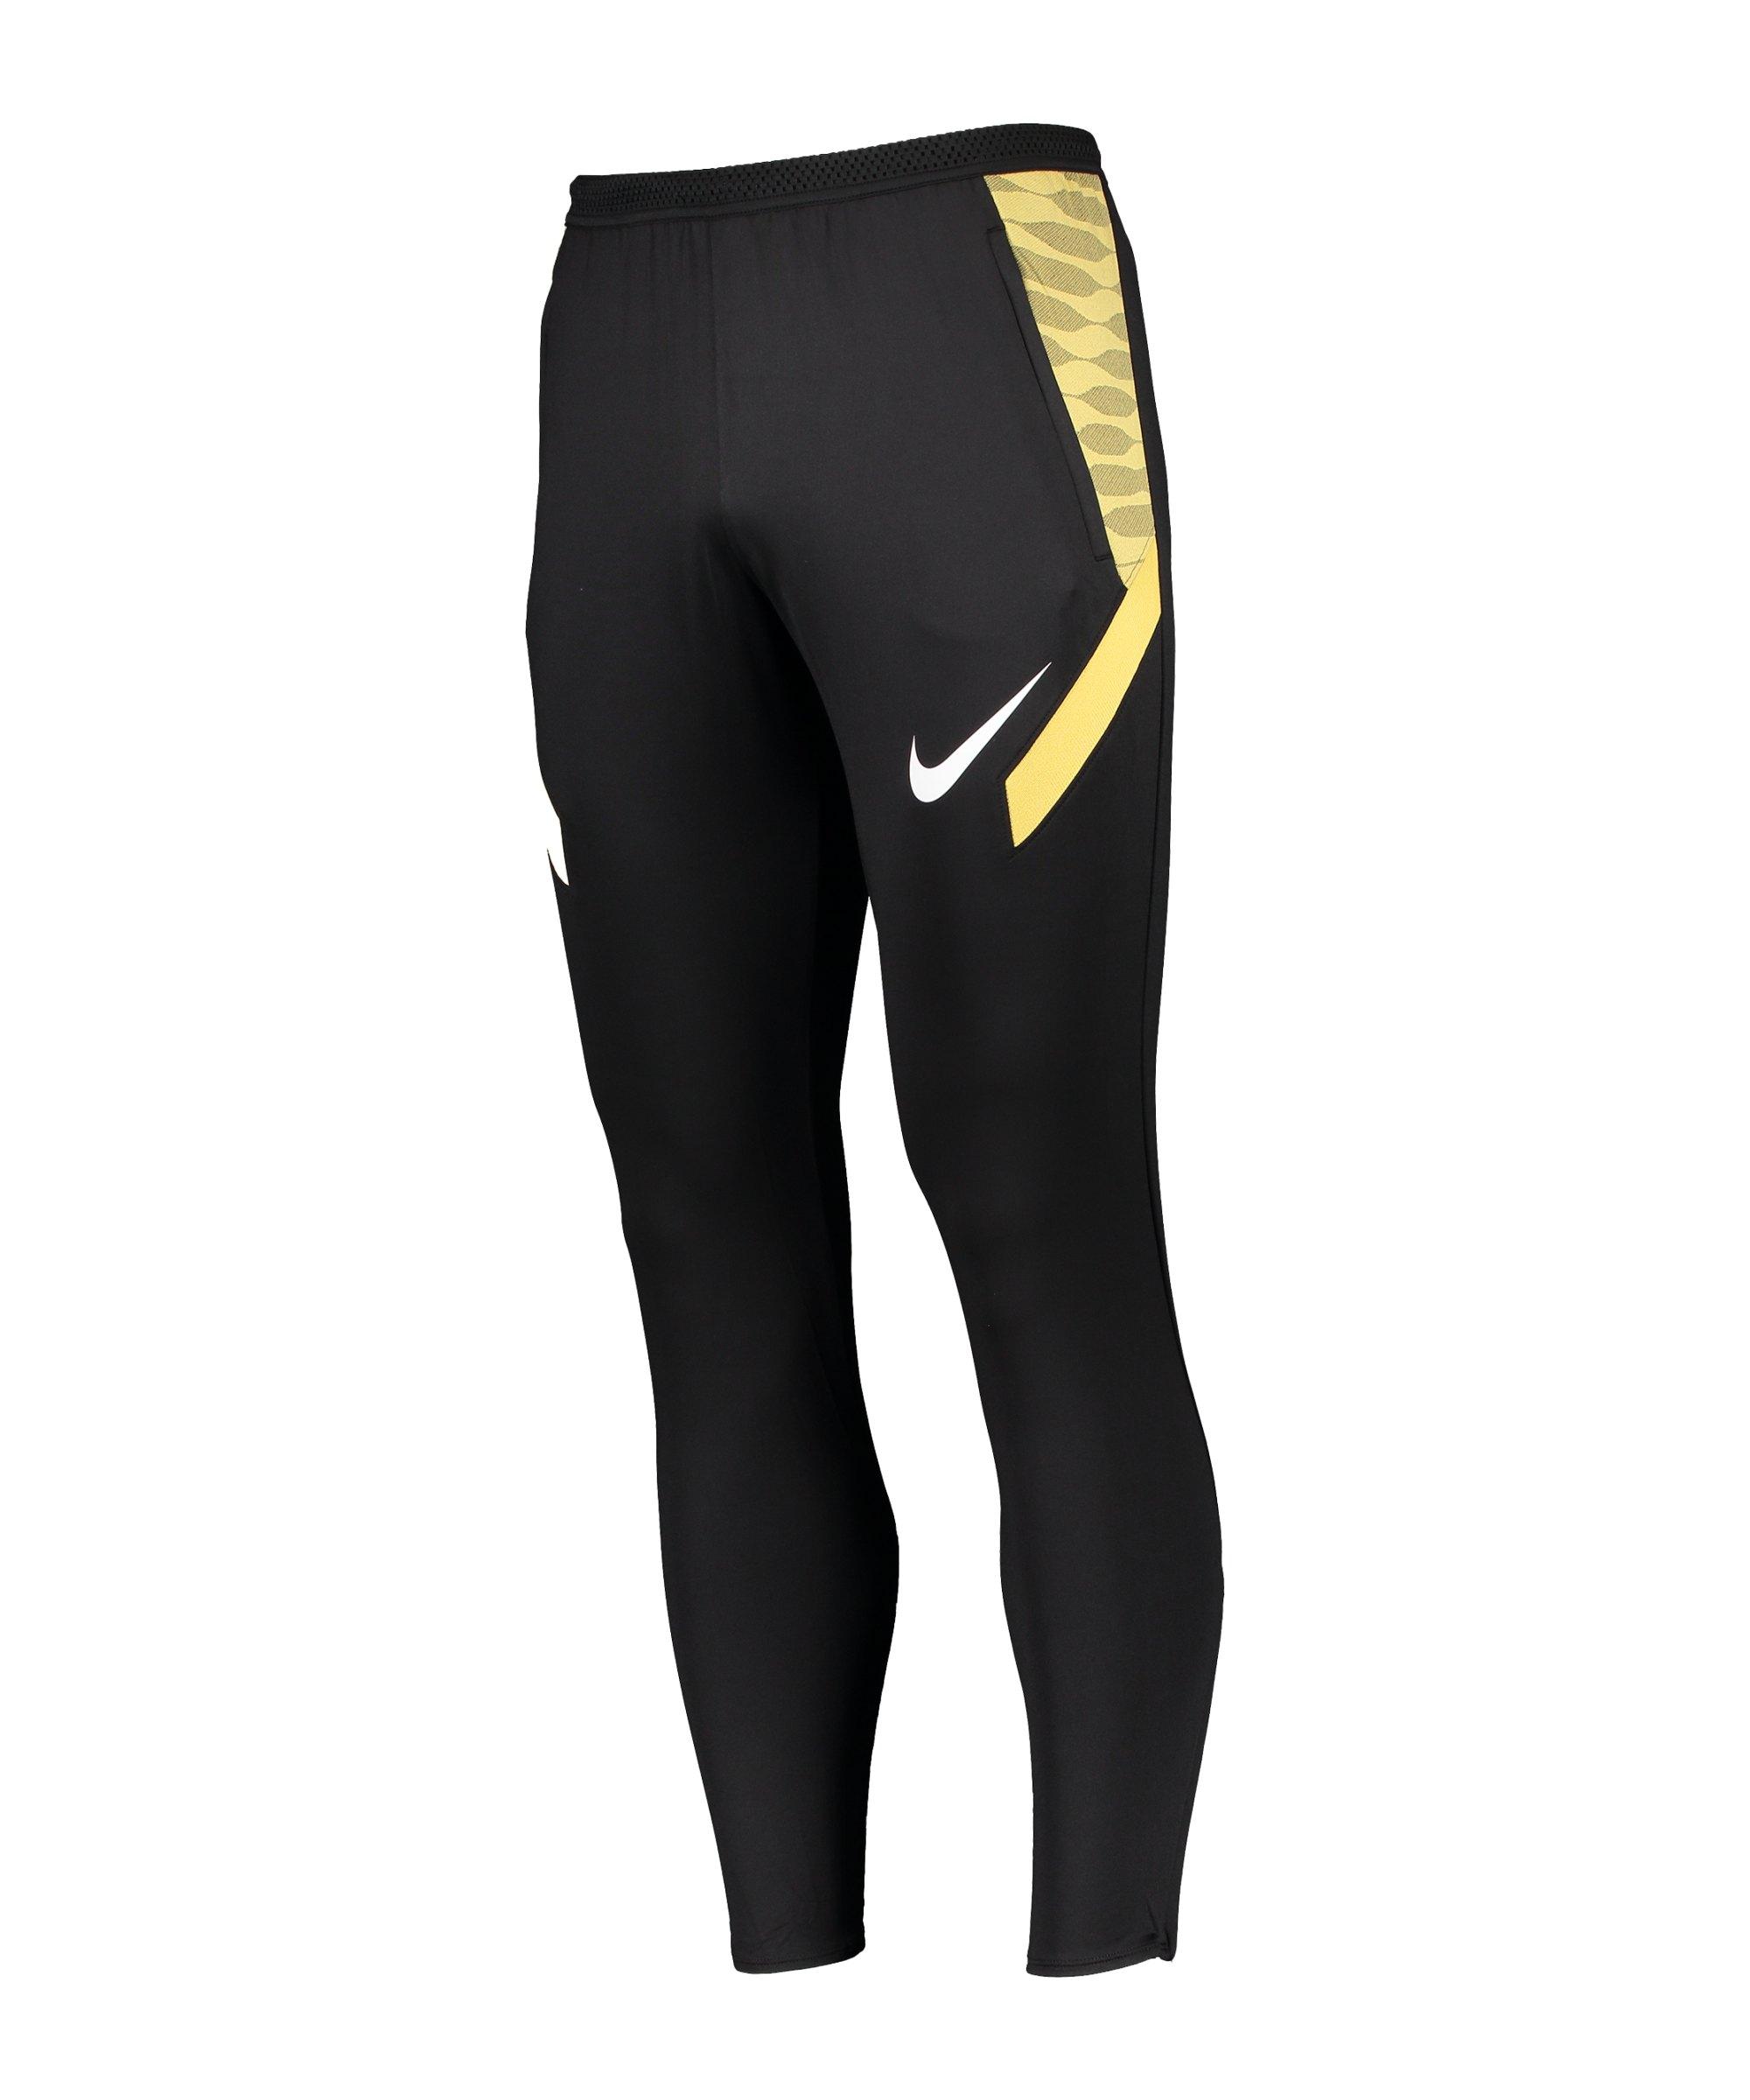 Nike Strike 21 Trainingshose Schwarz Gold F014 - schwarz